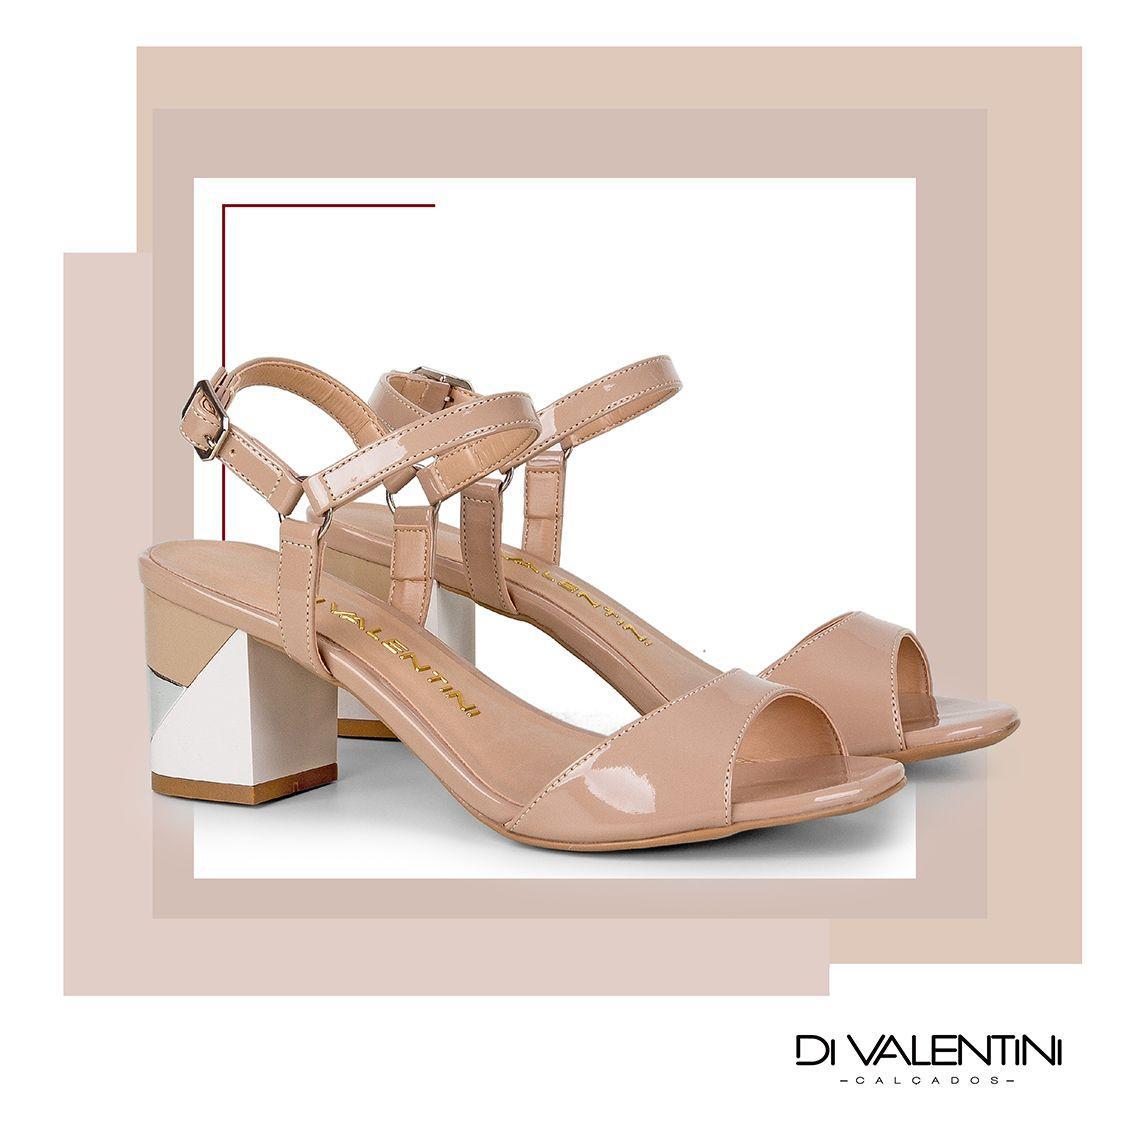 3b0f6328f Sandália Di Valentini na loja A Ideal Tecidos . ♥ | Mariotta ...